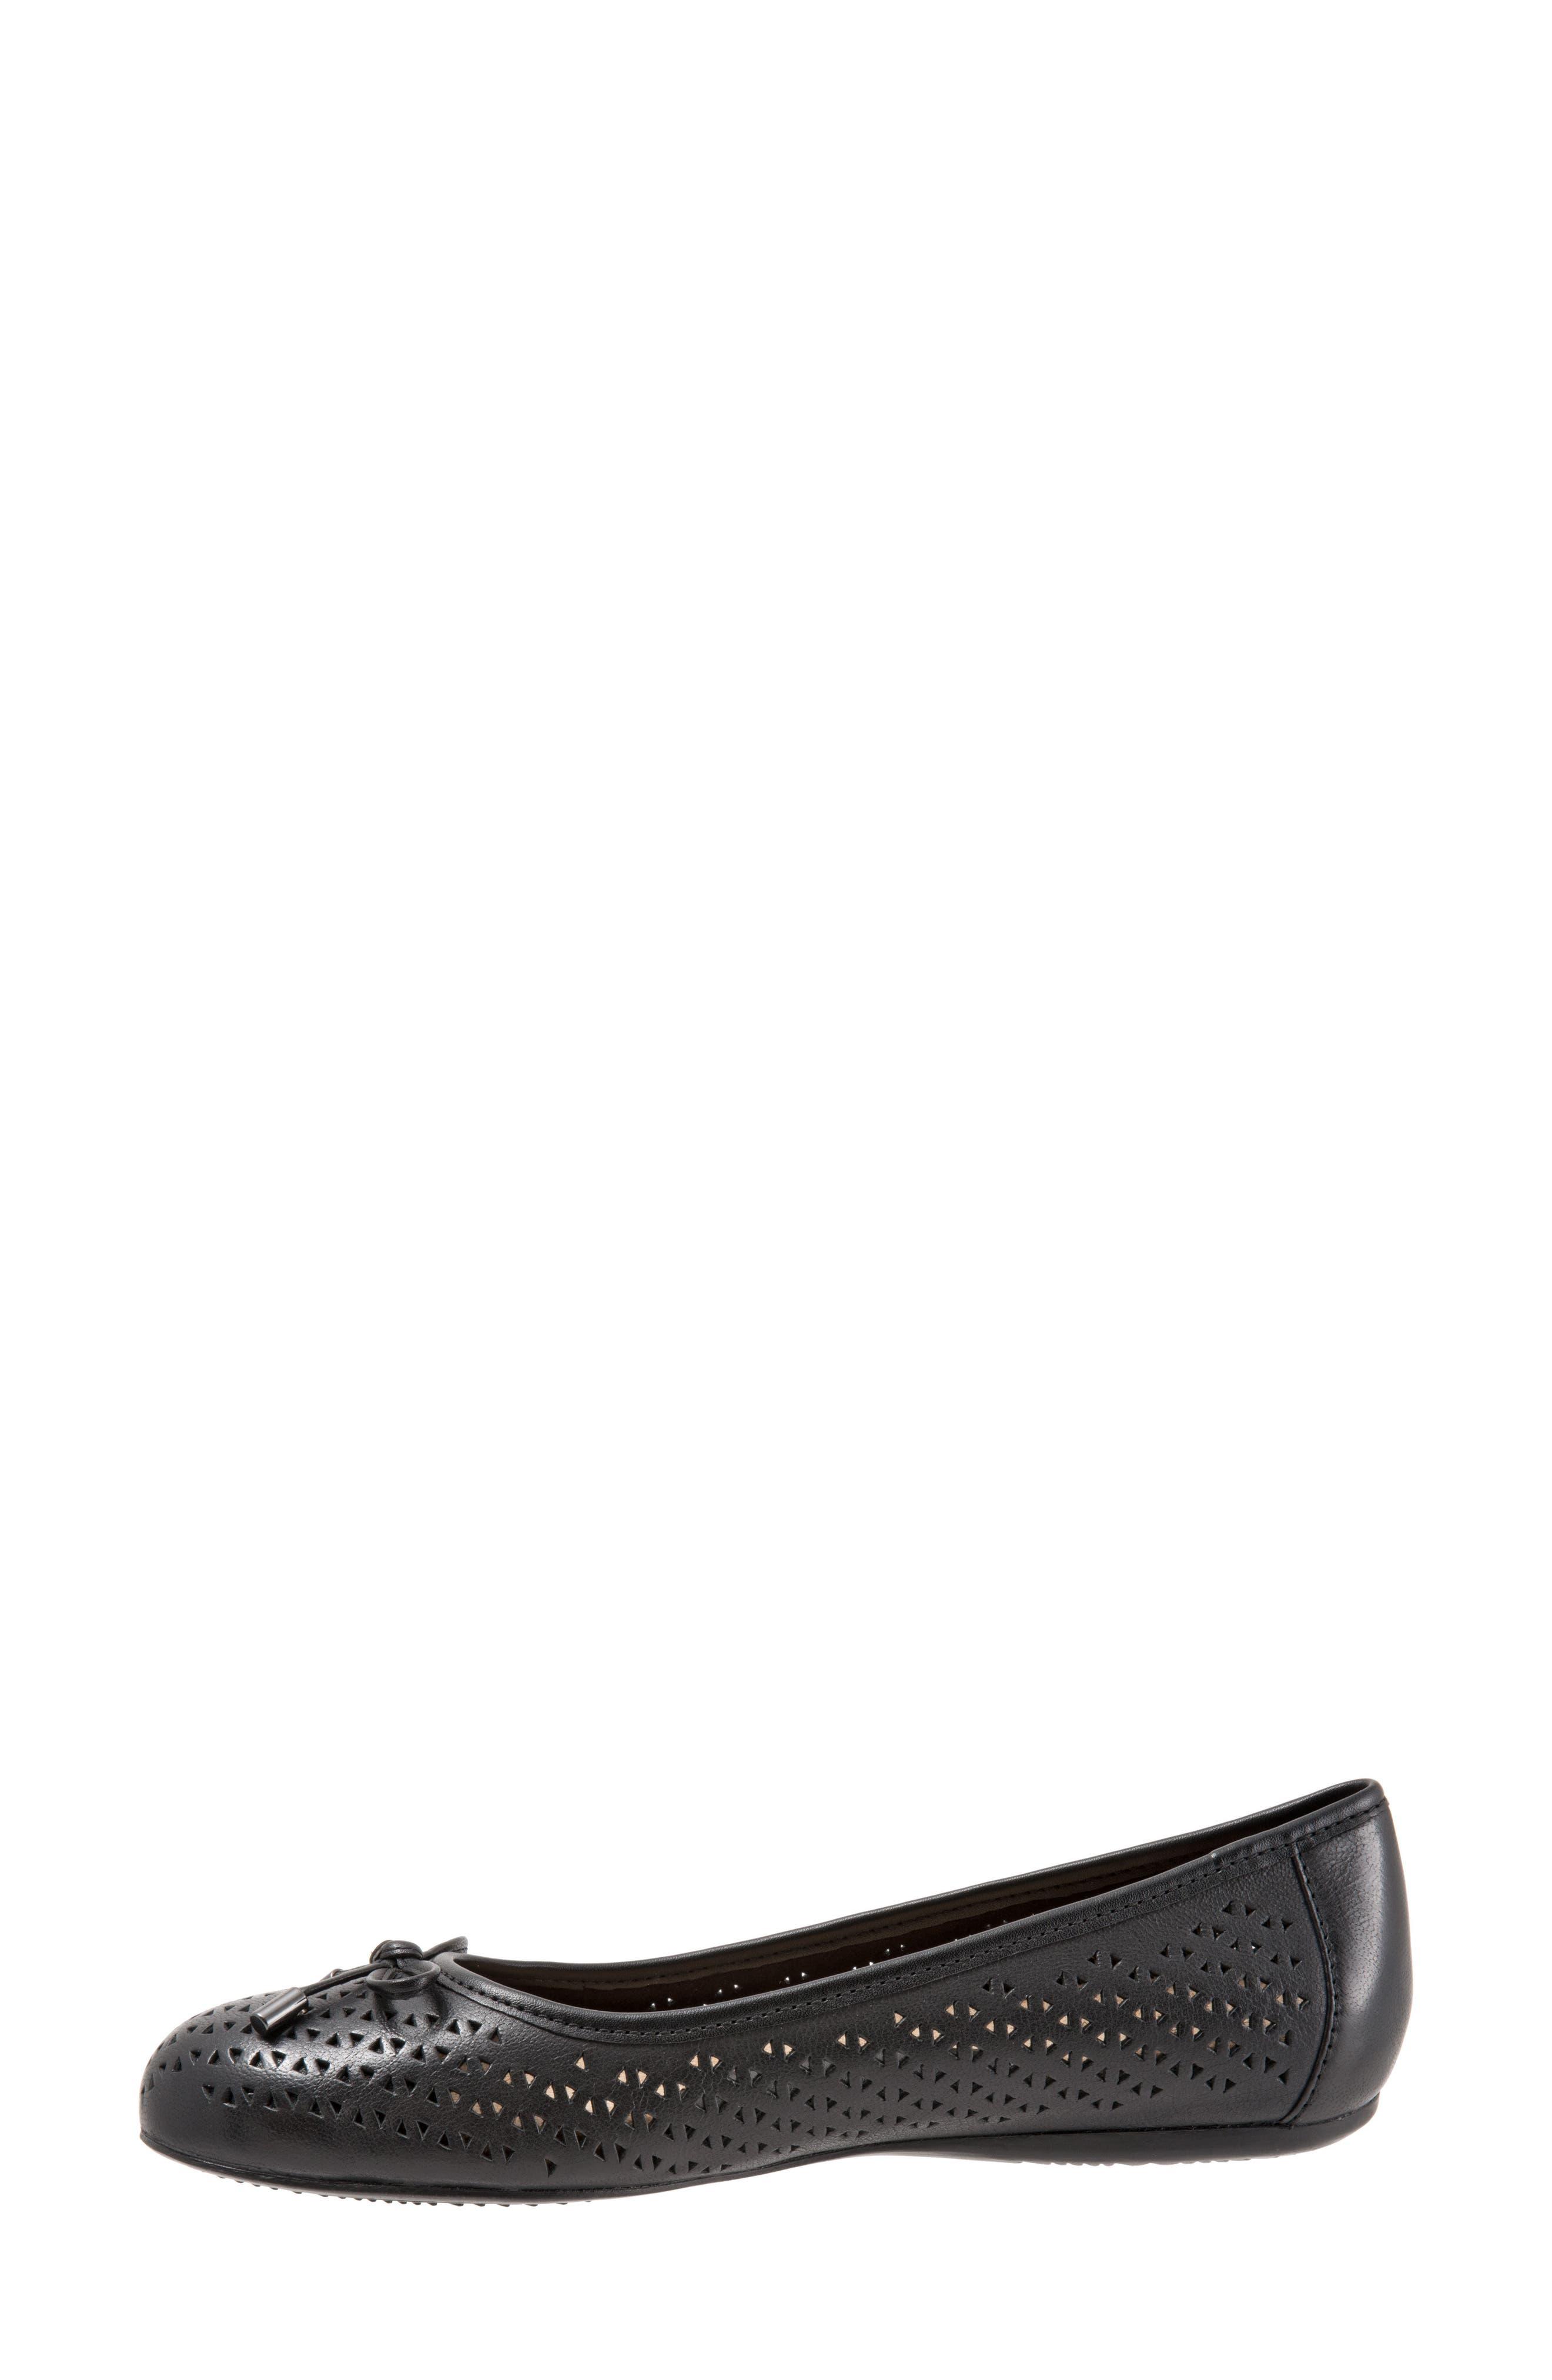 Napa Flat,                             Alternate thumbnail 3, color,                             Black Leather